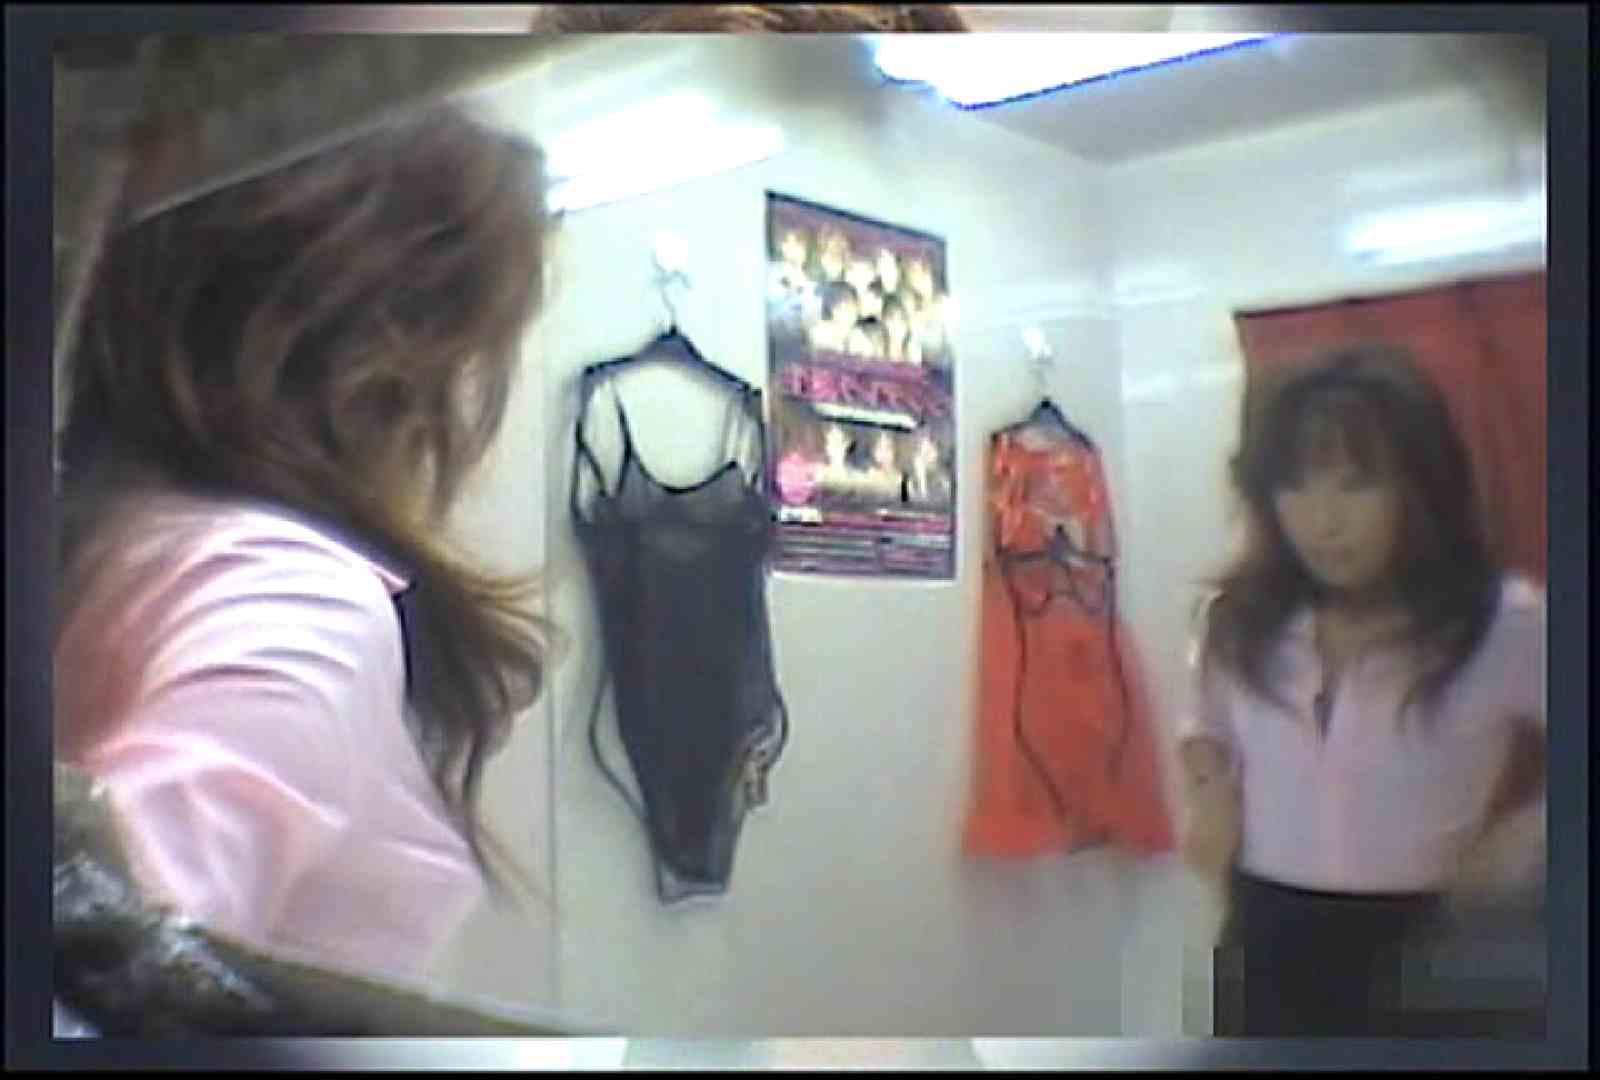 ショップ店長流出!!変態下着を買い漁る女達!Vol.5 すけべなOL   S級美女ギャル  77画像 9